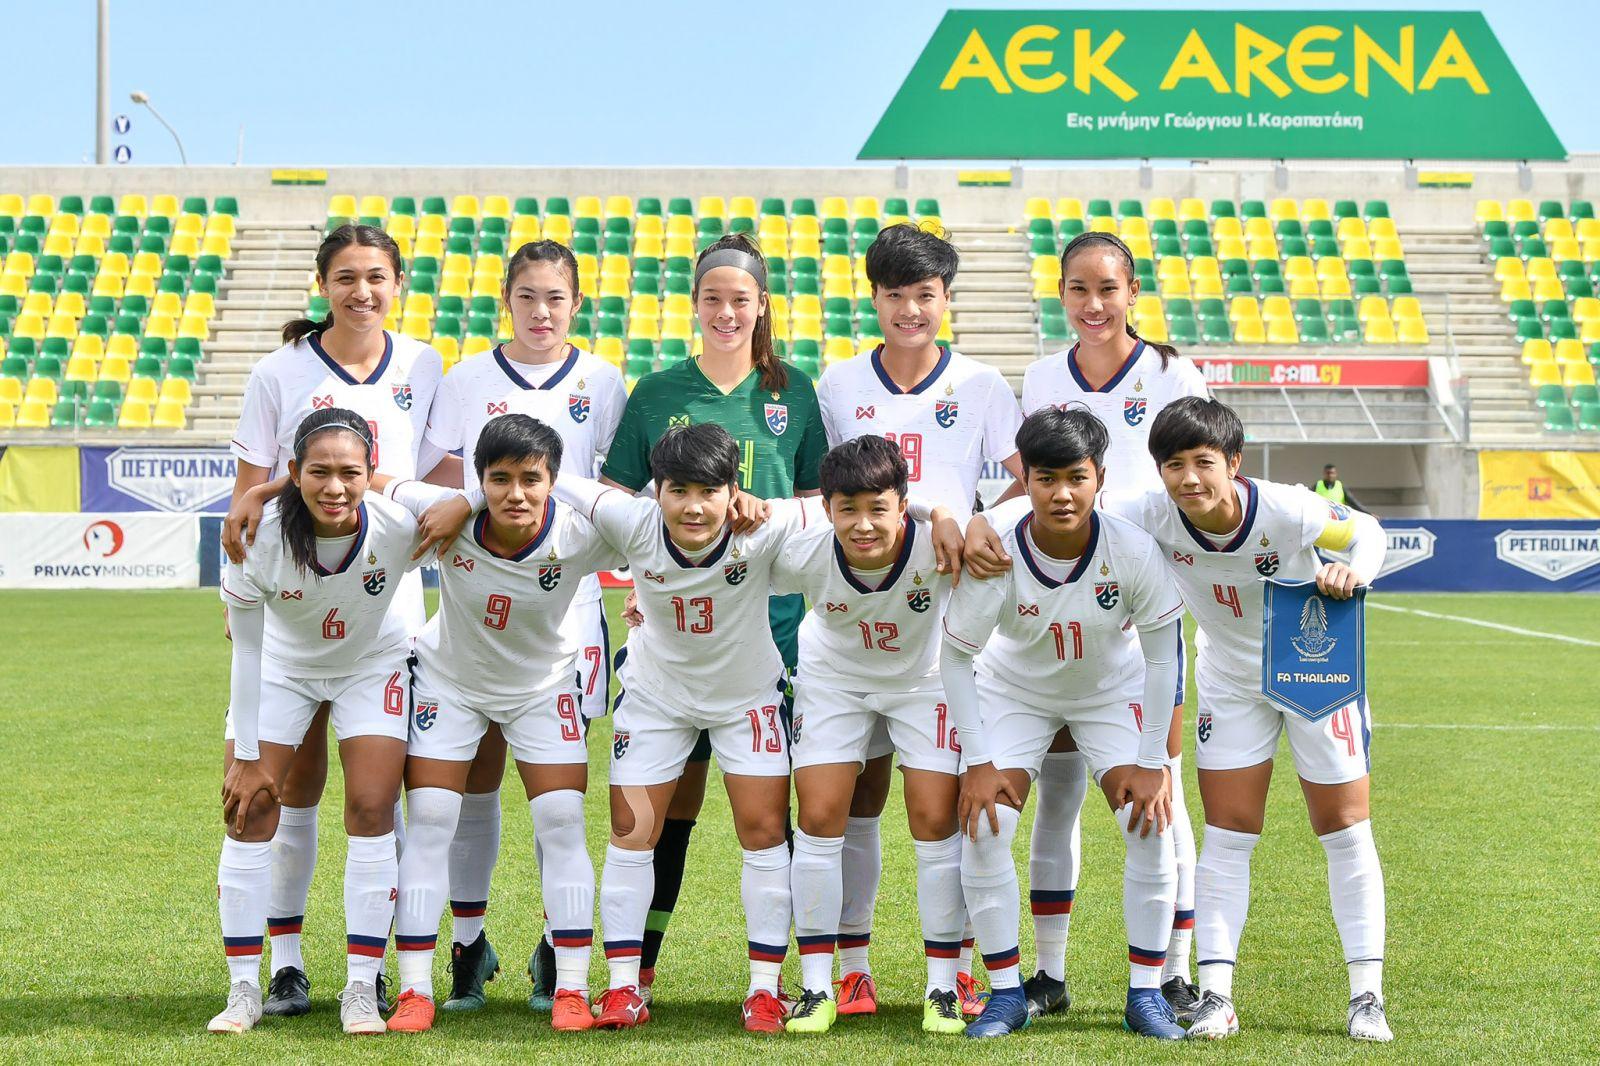 ชบาแก้ว นวลพรรณ ล่ำซำ ฟุตบอลหญิงชิงแชมป์โลก 2019 ฟุตบอลหญิงทีมชาติไทย มาดามแป้ง